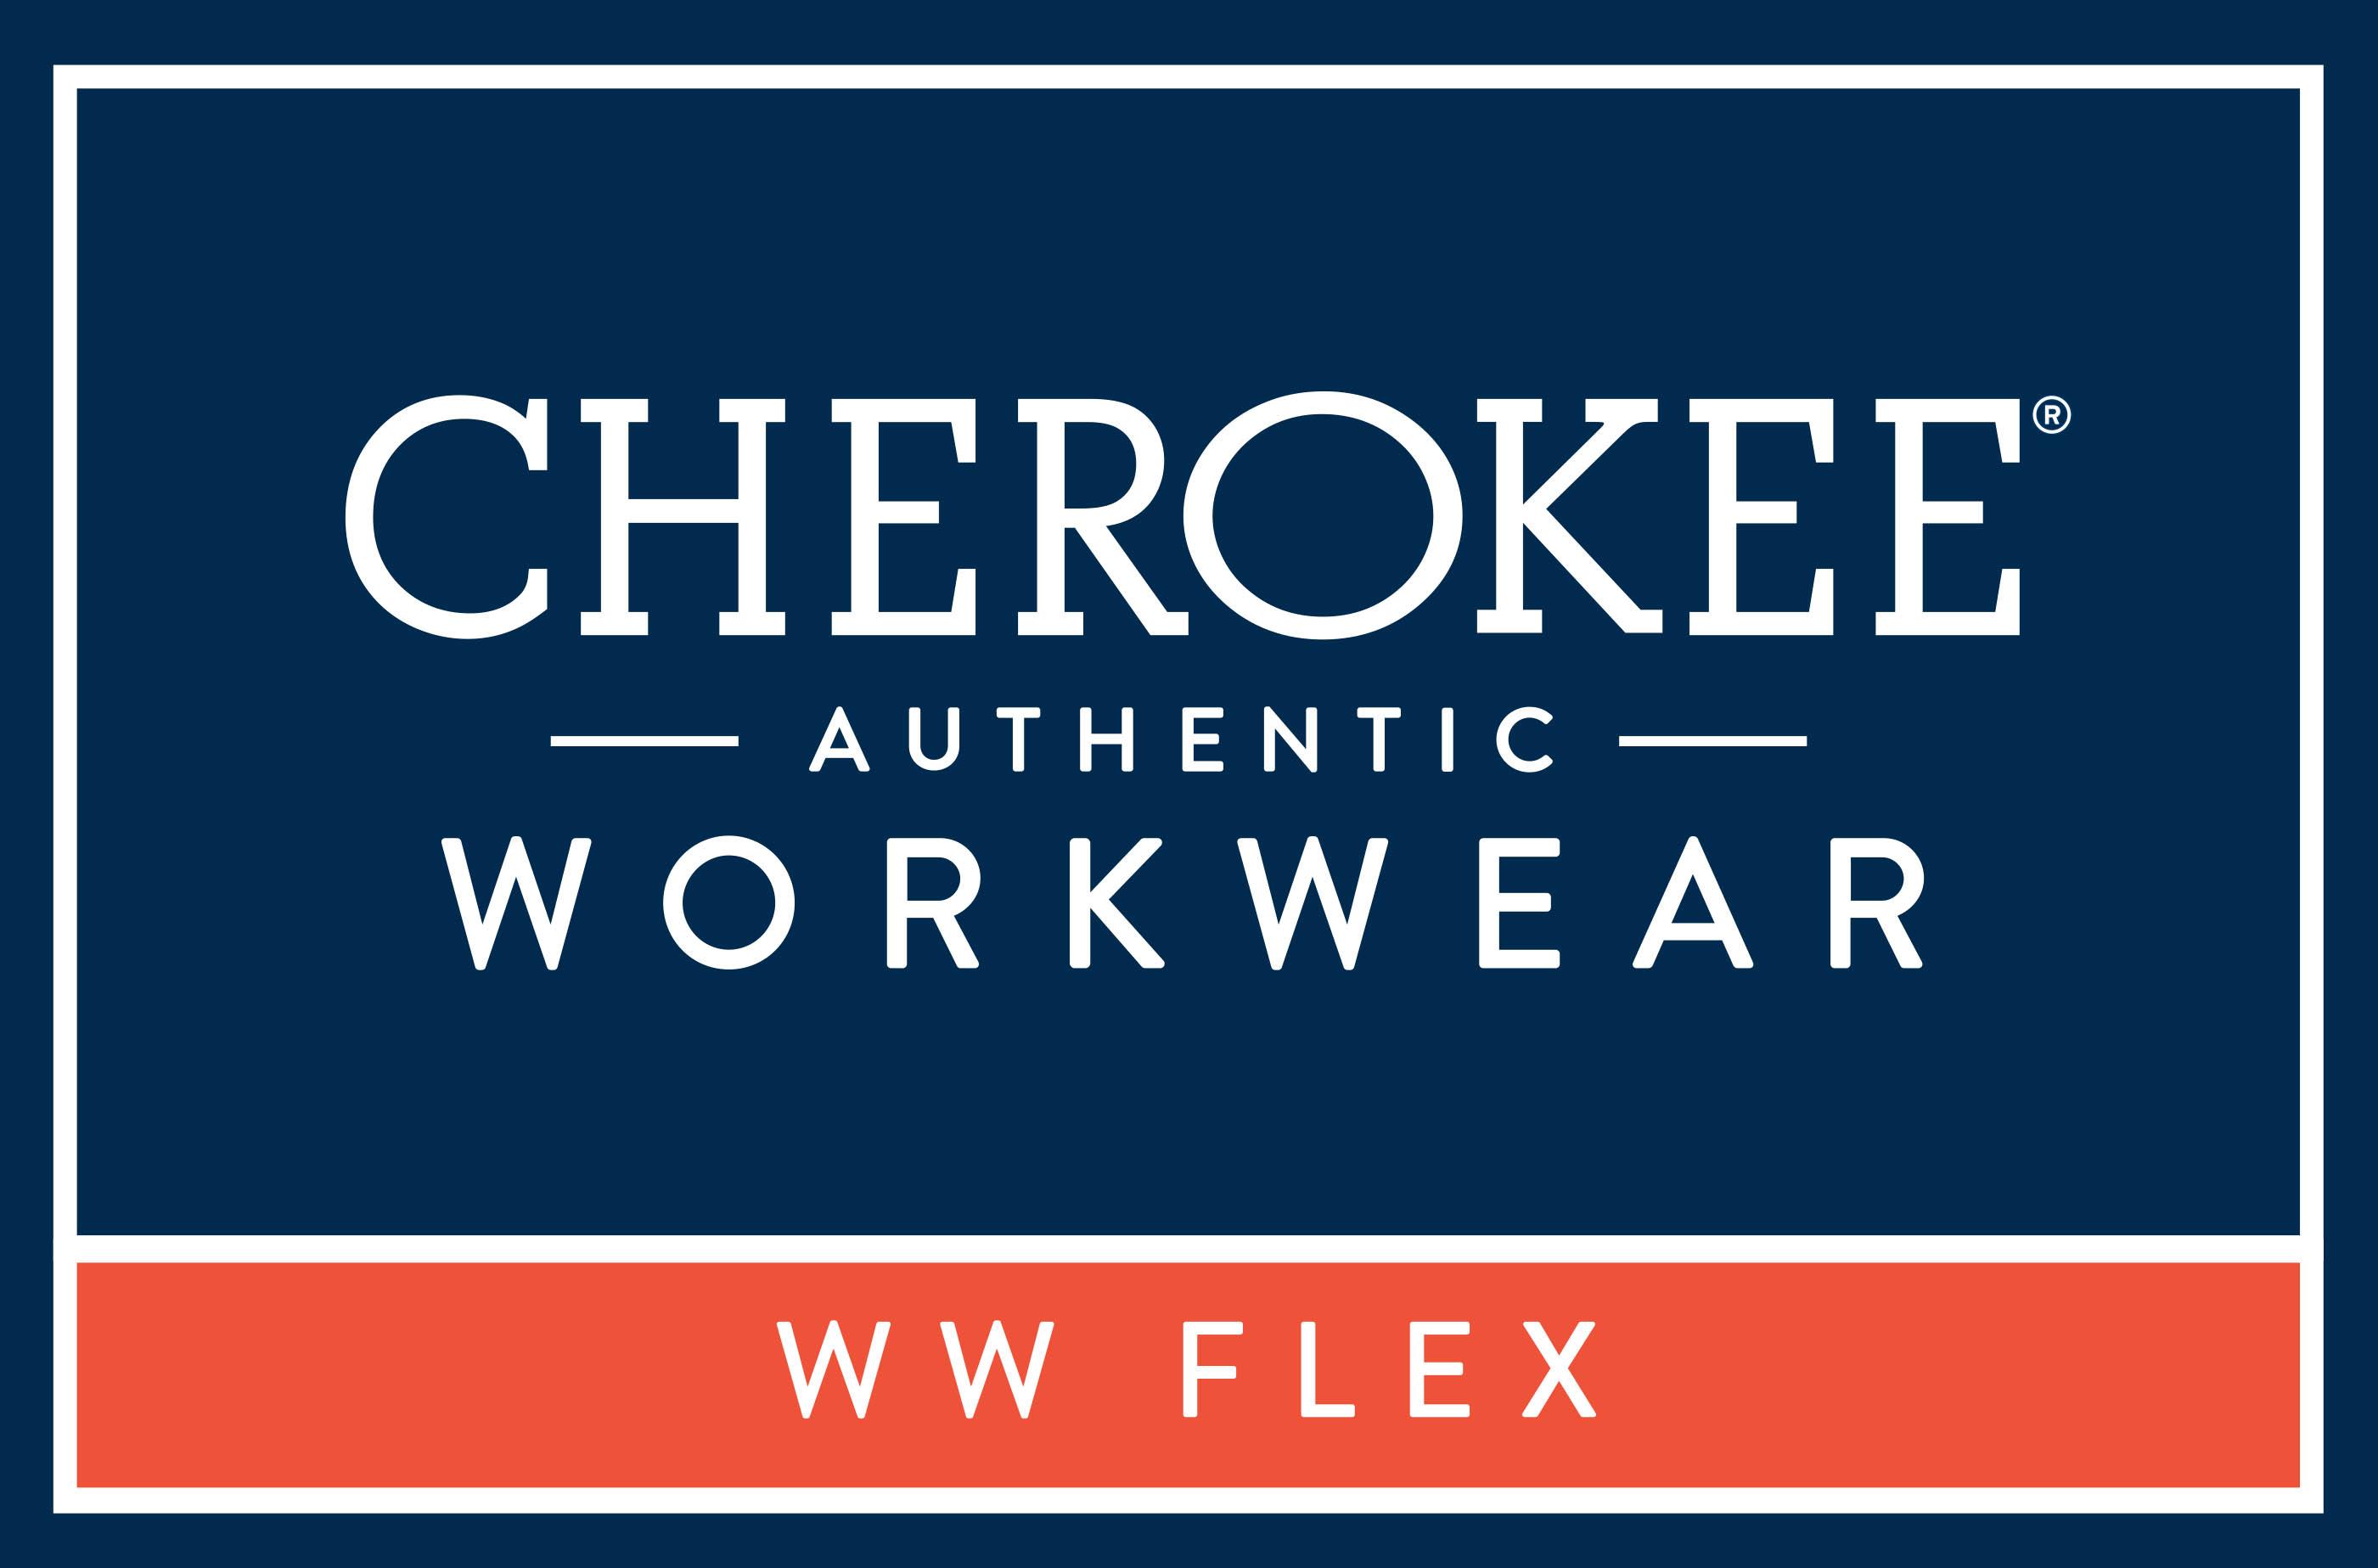 cherokee-workwear-flex-logo.jpg